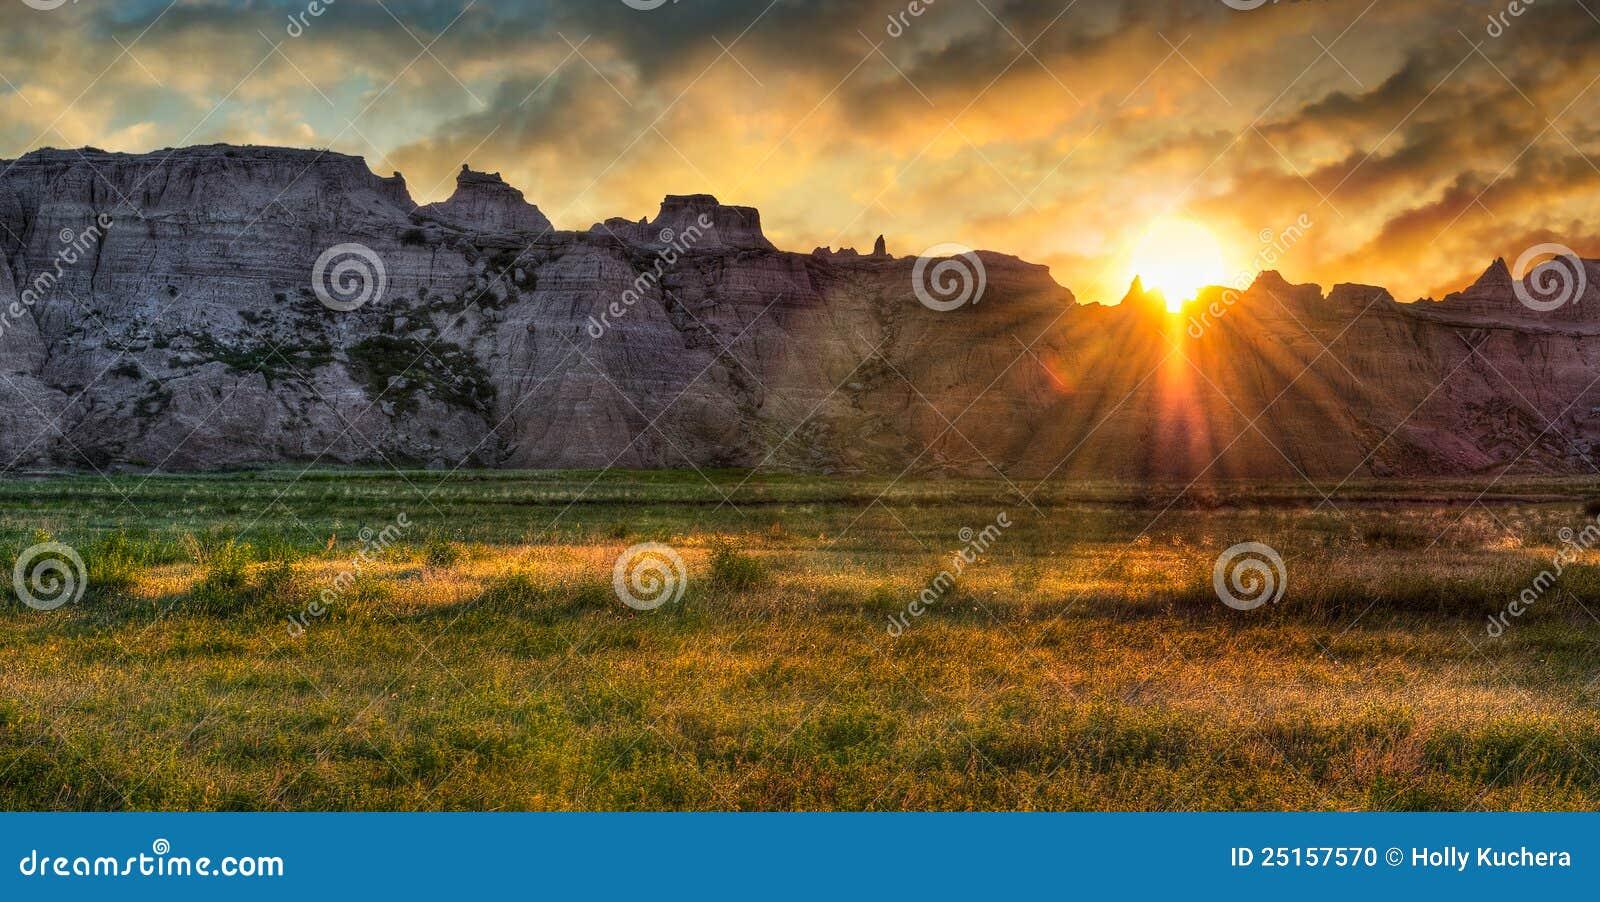 Nascer do sol da pradaria do ermo